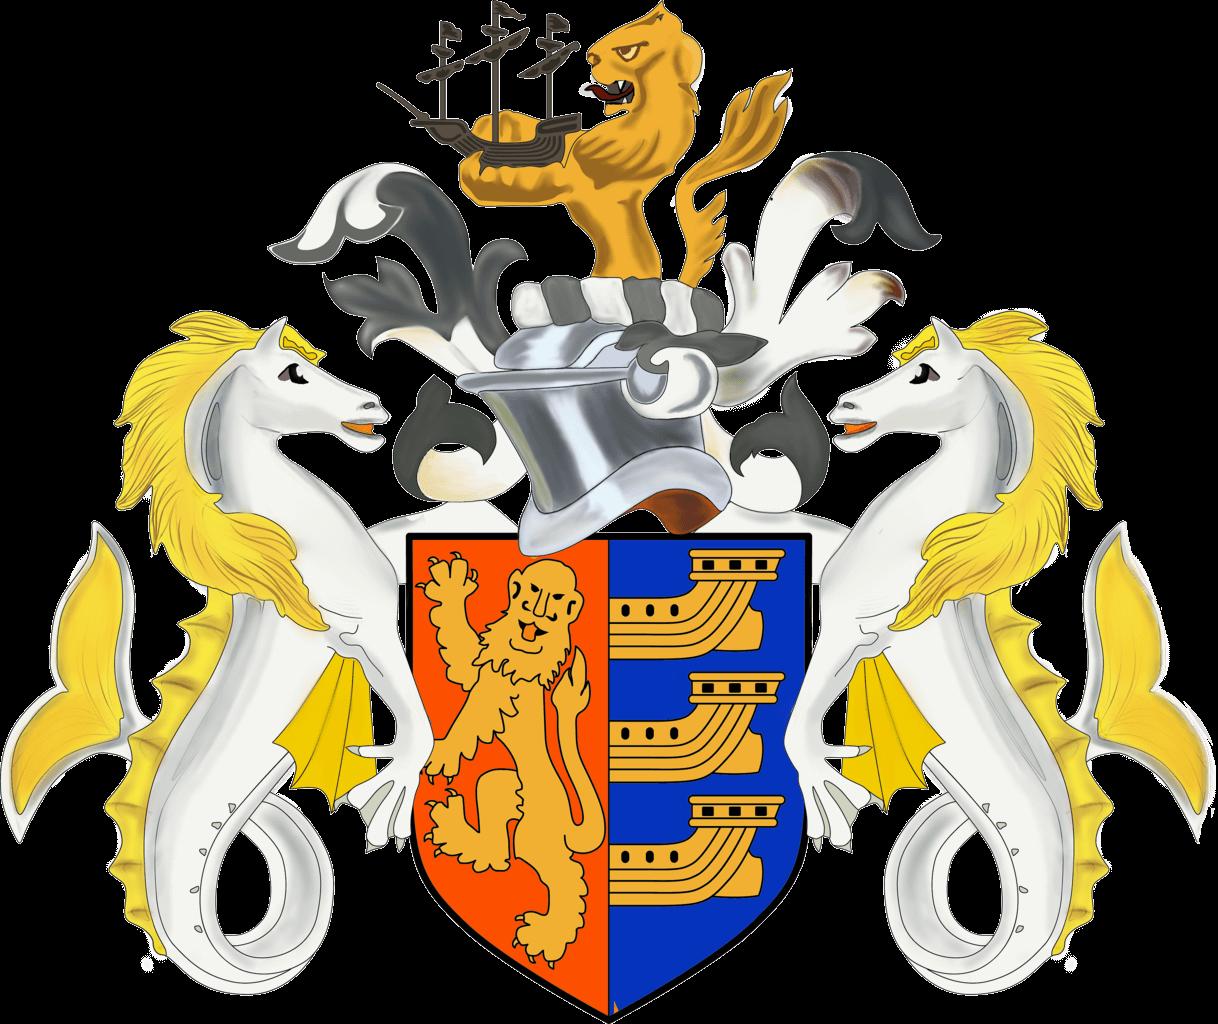 Ipswich Borough Council crest